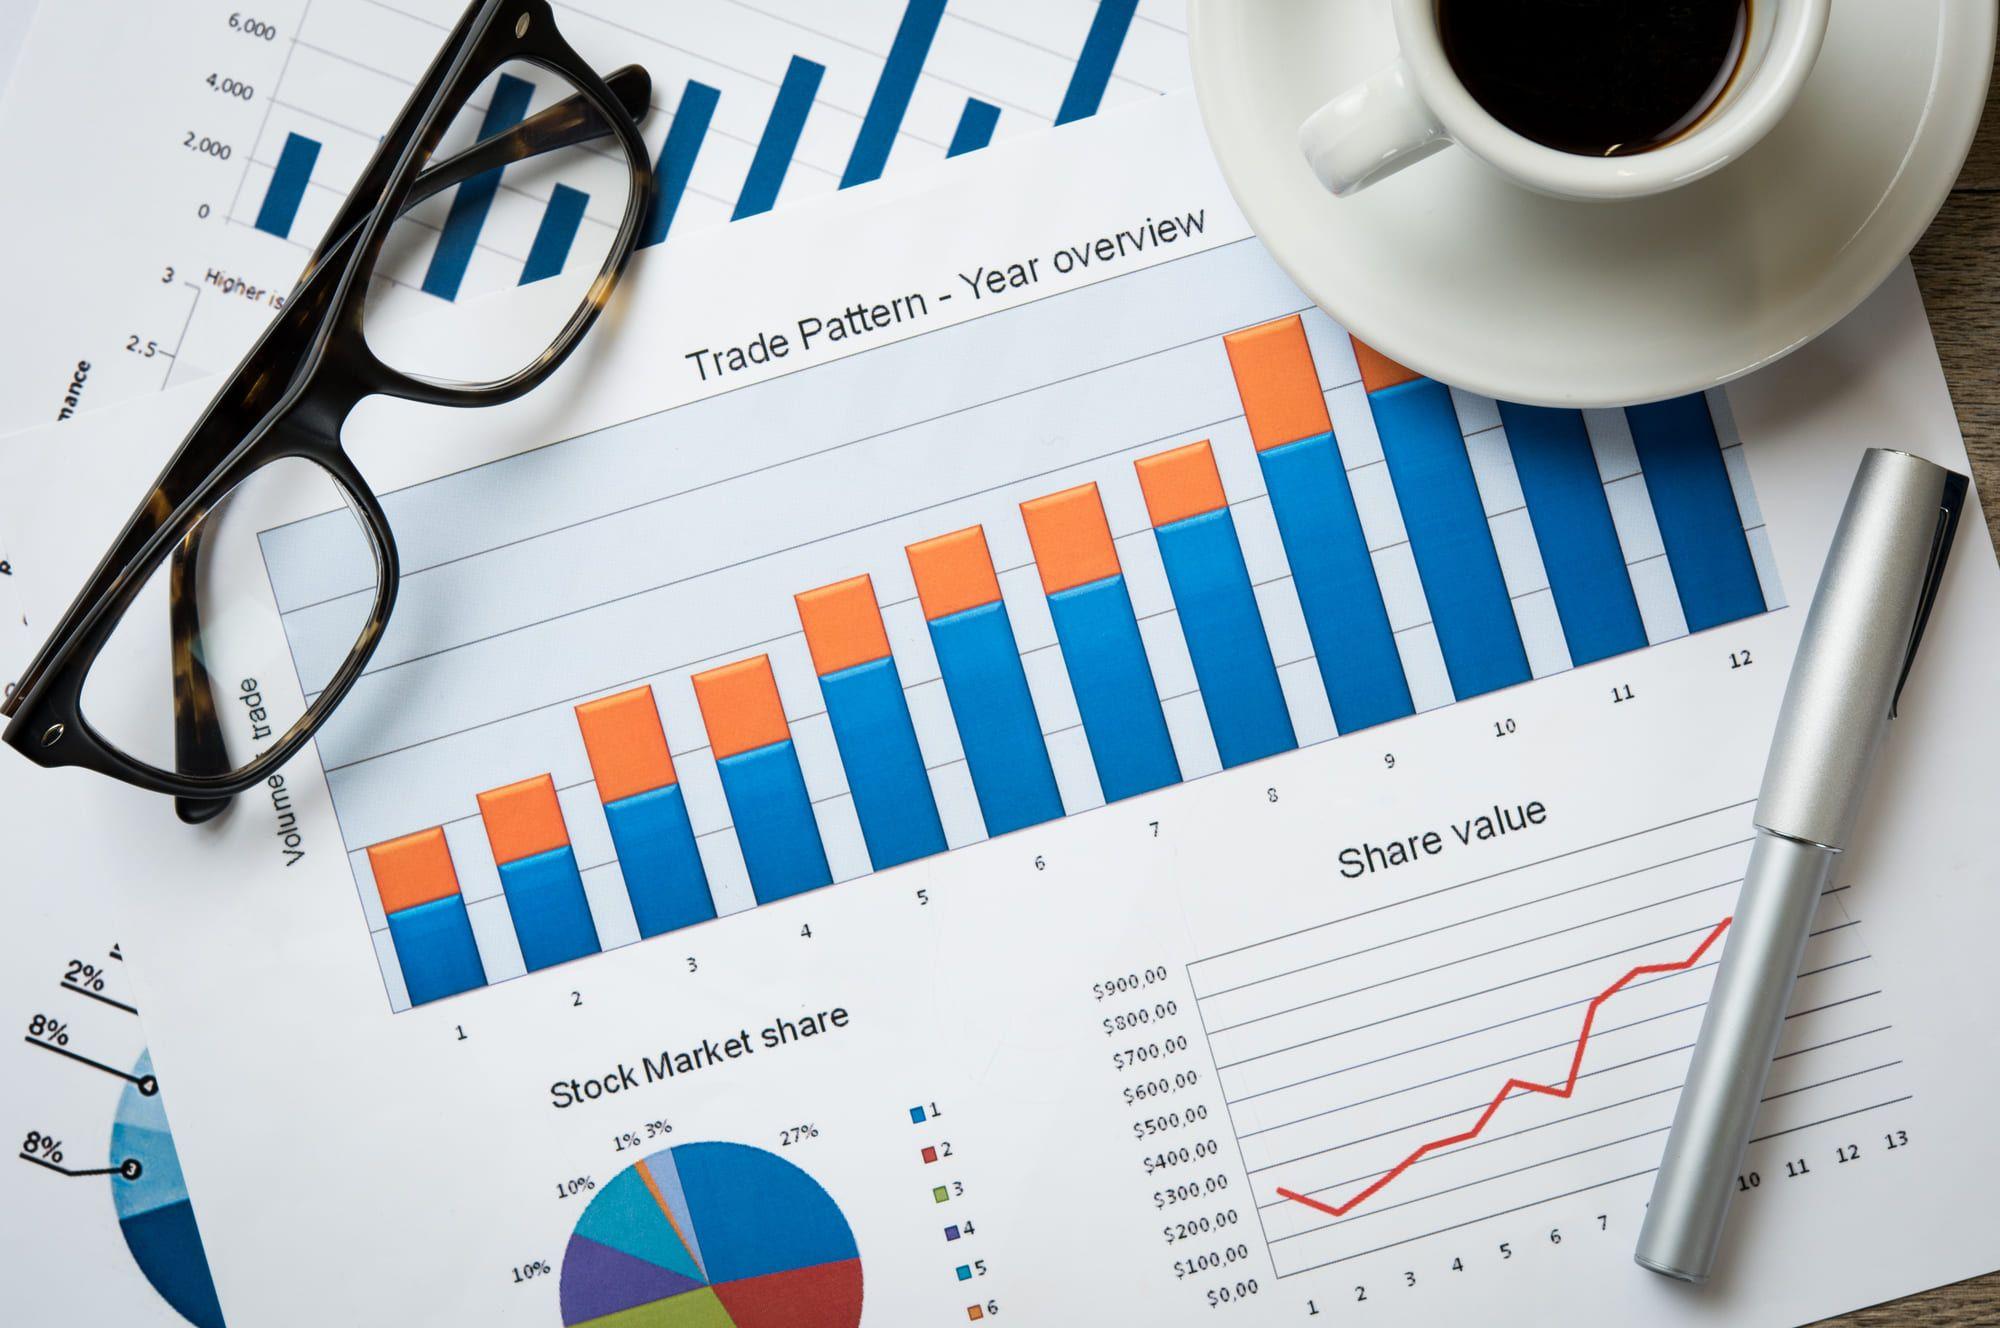 Совет по стандартам финансового учета США предлагает упростить способ учета вознаграждения сотрудников на основе акций